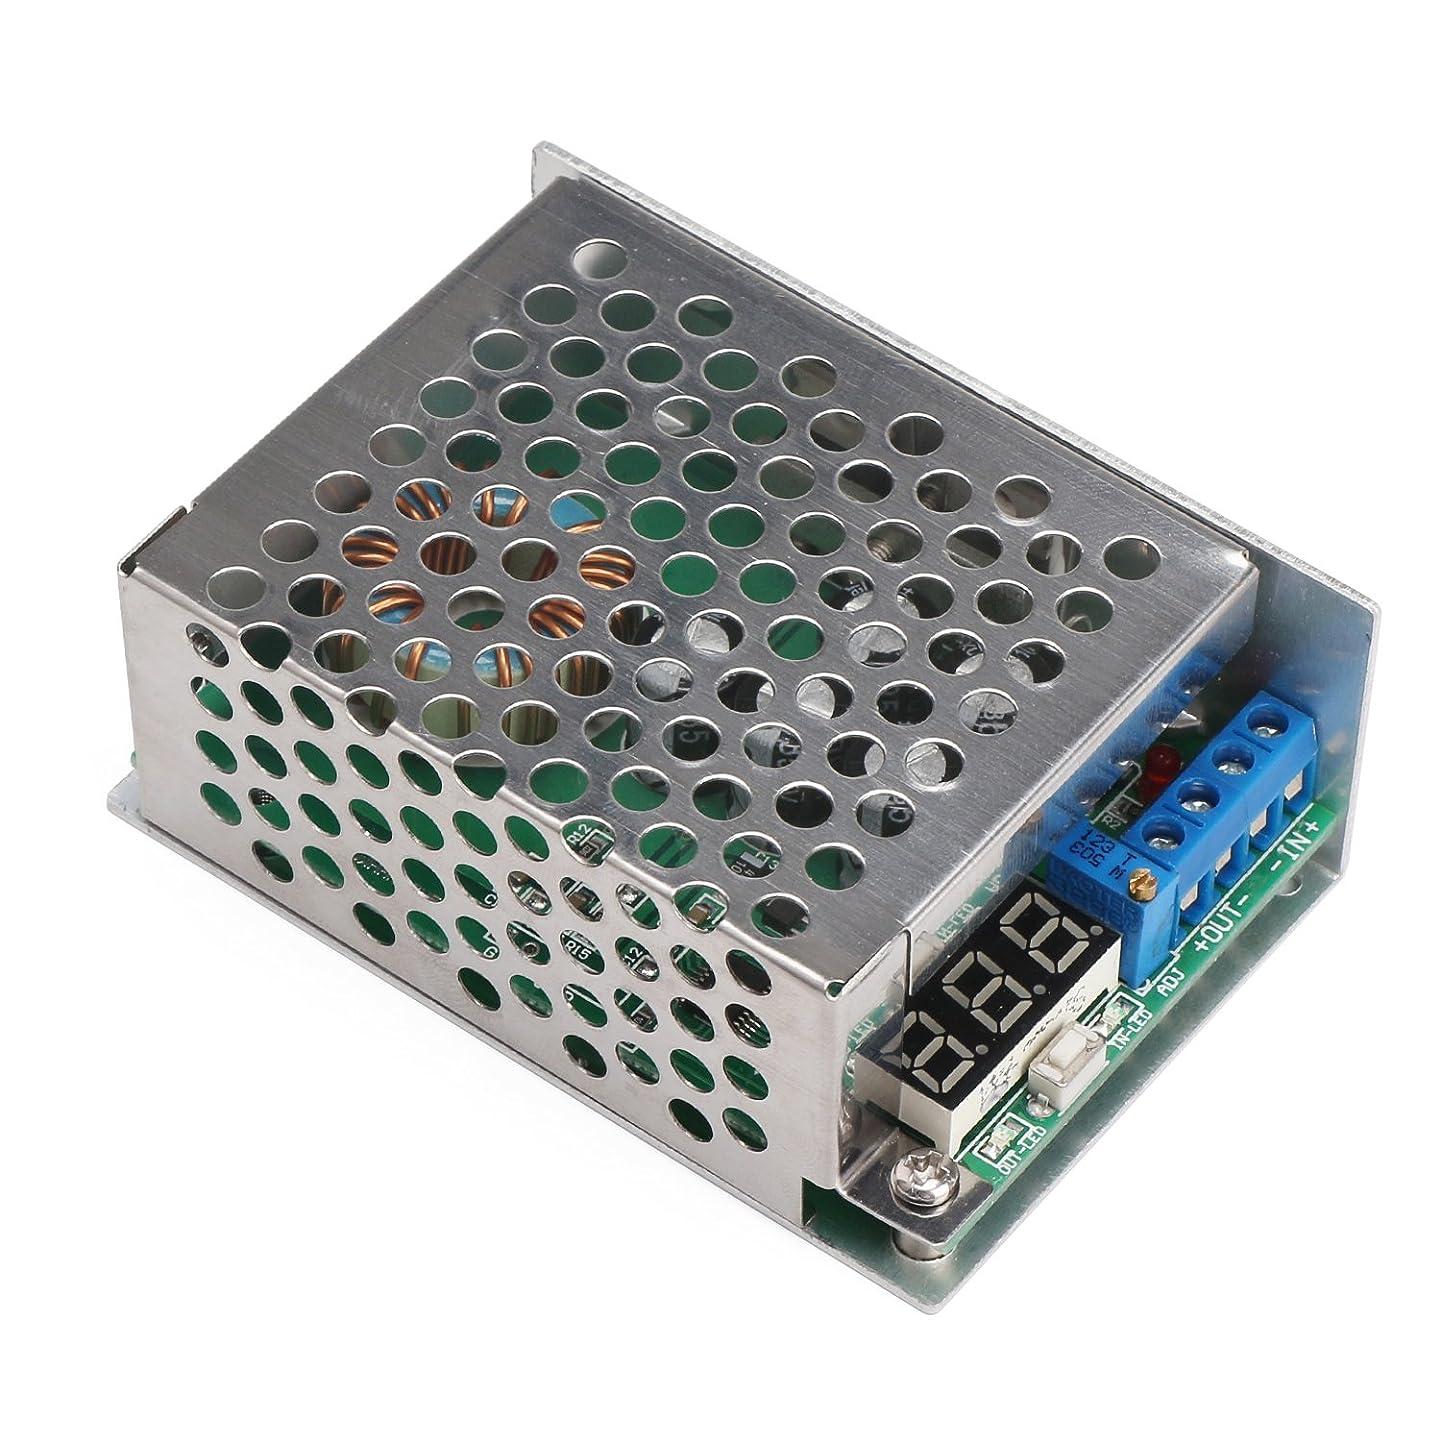 24V 10A DC Power Supply, DROK DC-DC Buck Converter 3.5-30V 24v to Adjustable Output 0.8-29V 5v 12v 10A Step Down Voltage Regulator Module with High Accuracy Voltmeter LED Display